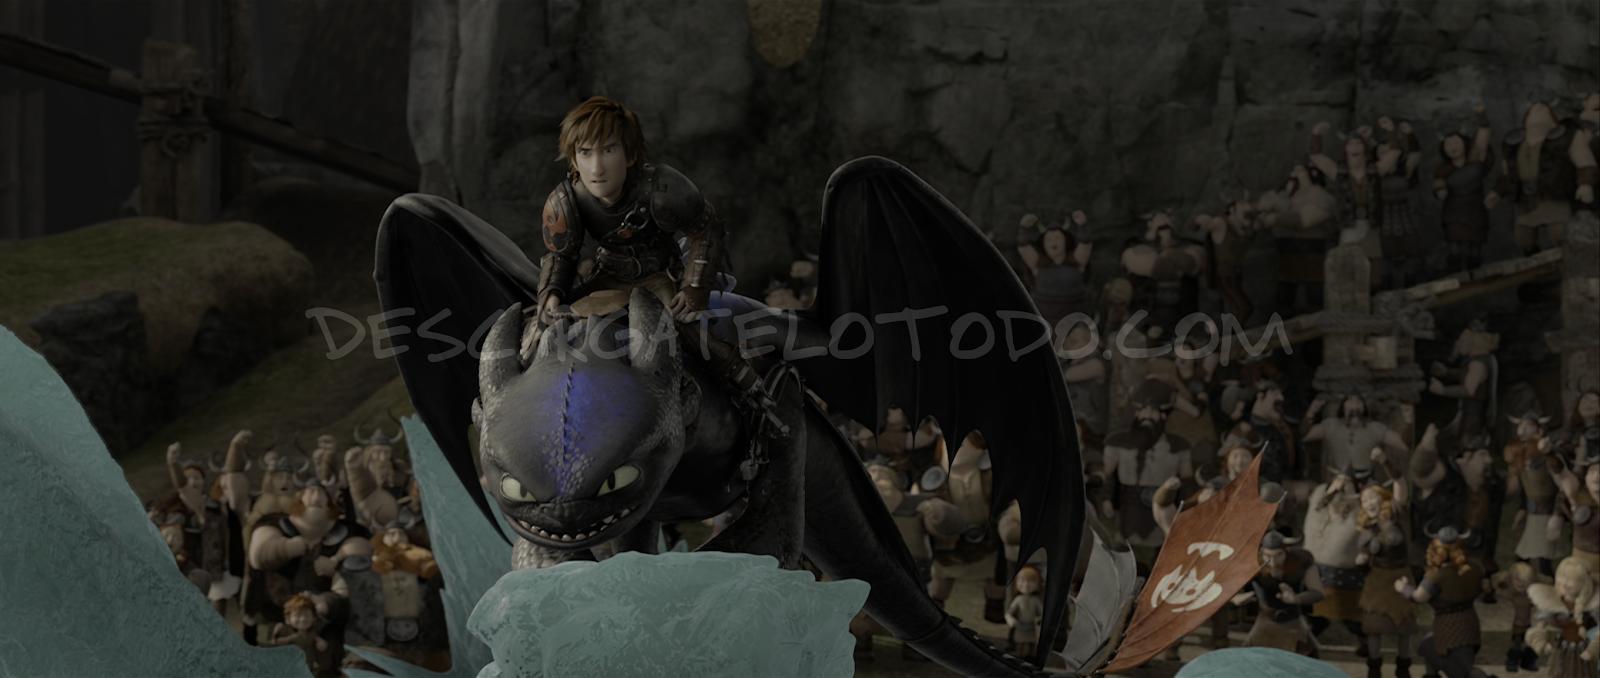 Cómo Entrenar a tu Dragón 2 (2014) 4K UHD [HDR] Latino-Castellano-Ingles captura 4